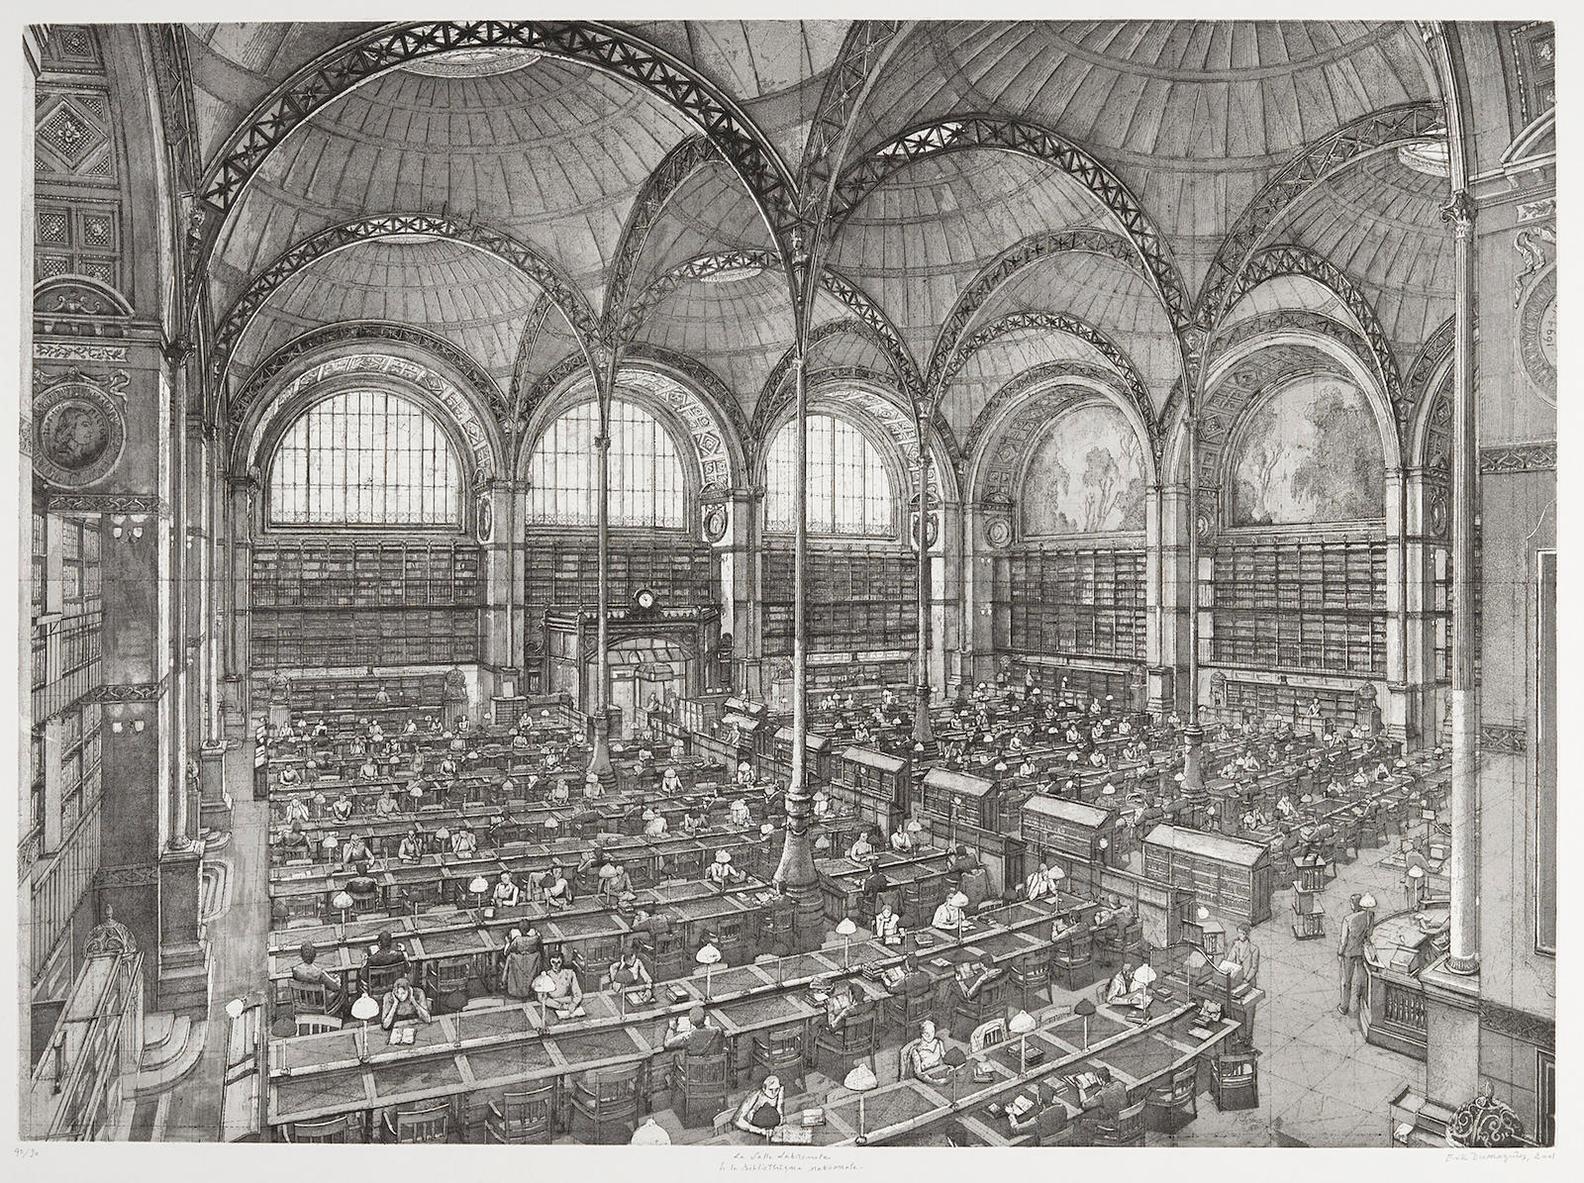 Erik Desmazieres-La Salle Labrouste De La Bibliotheque Nationale-2001